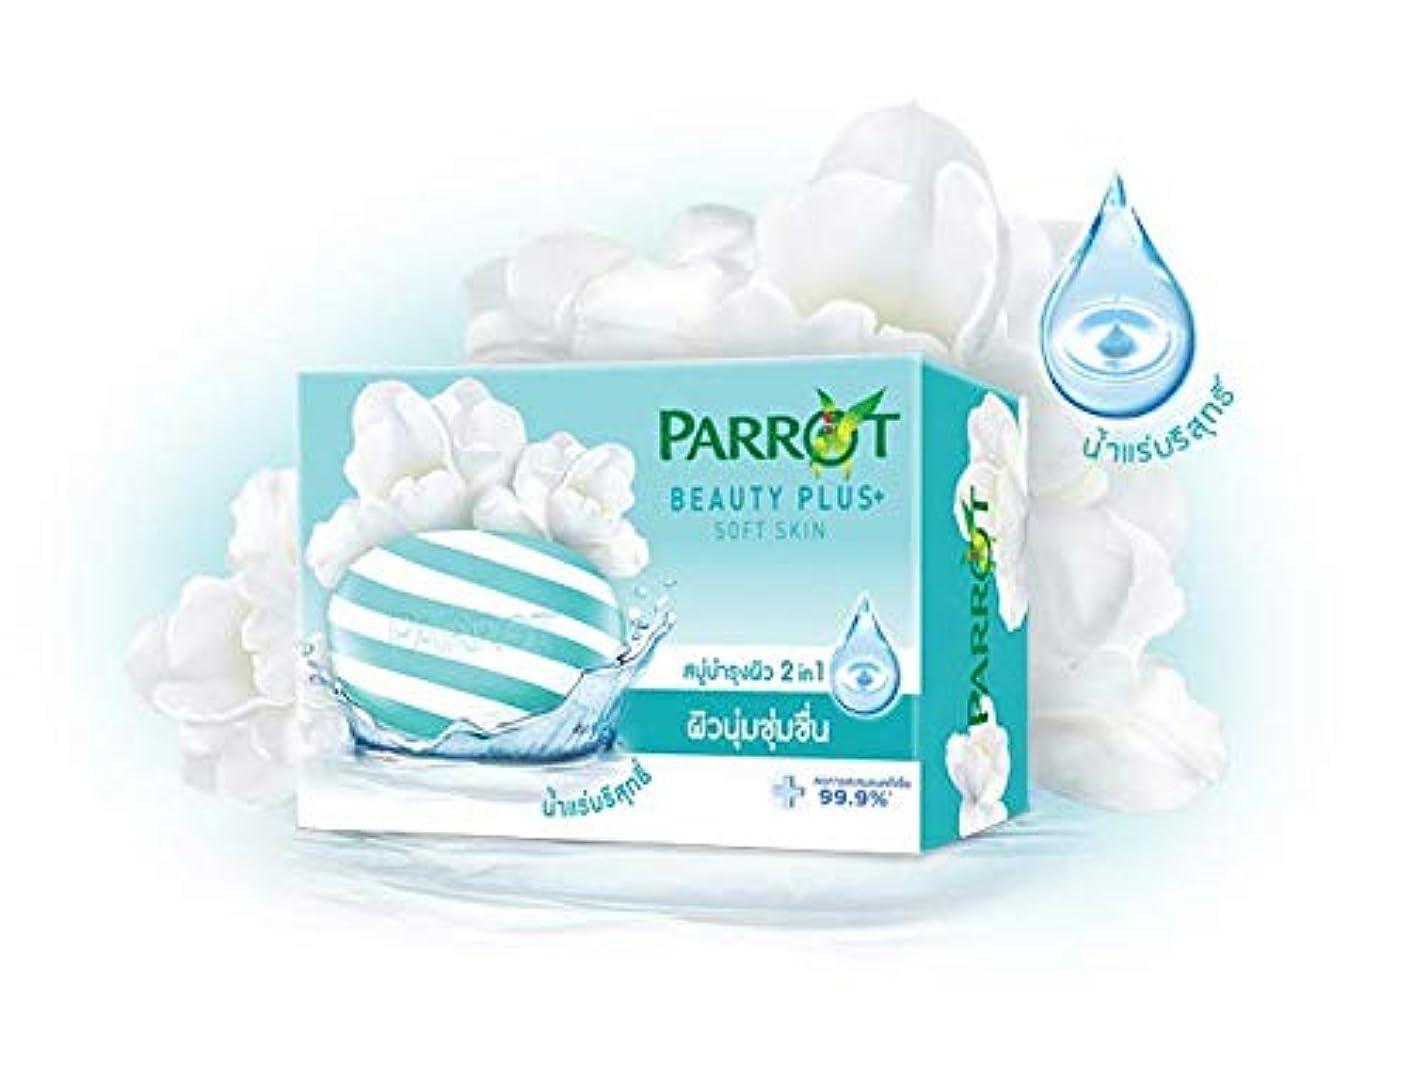 挨拶器具同意するParrot Soap Reduce 99.9% bacteria accumulation Beauty Plus Sofe Skin (95 g x 4)